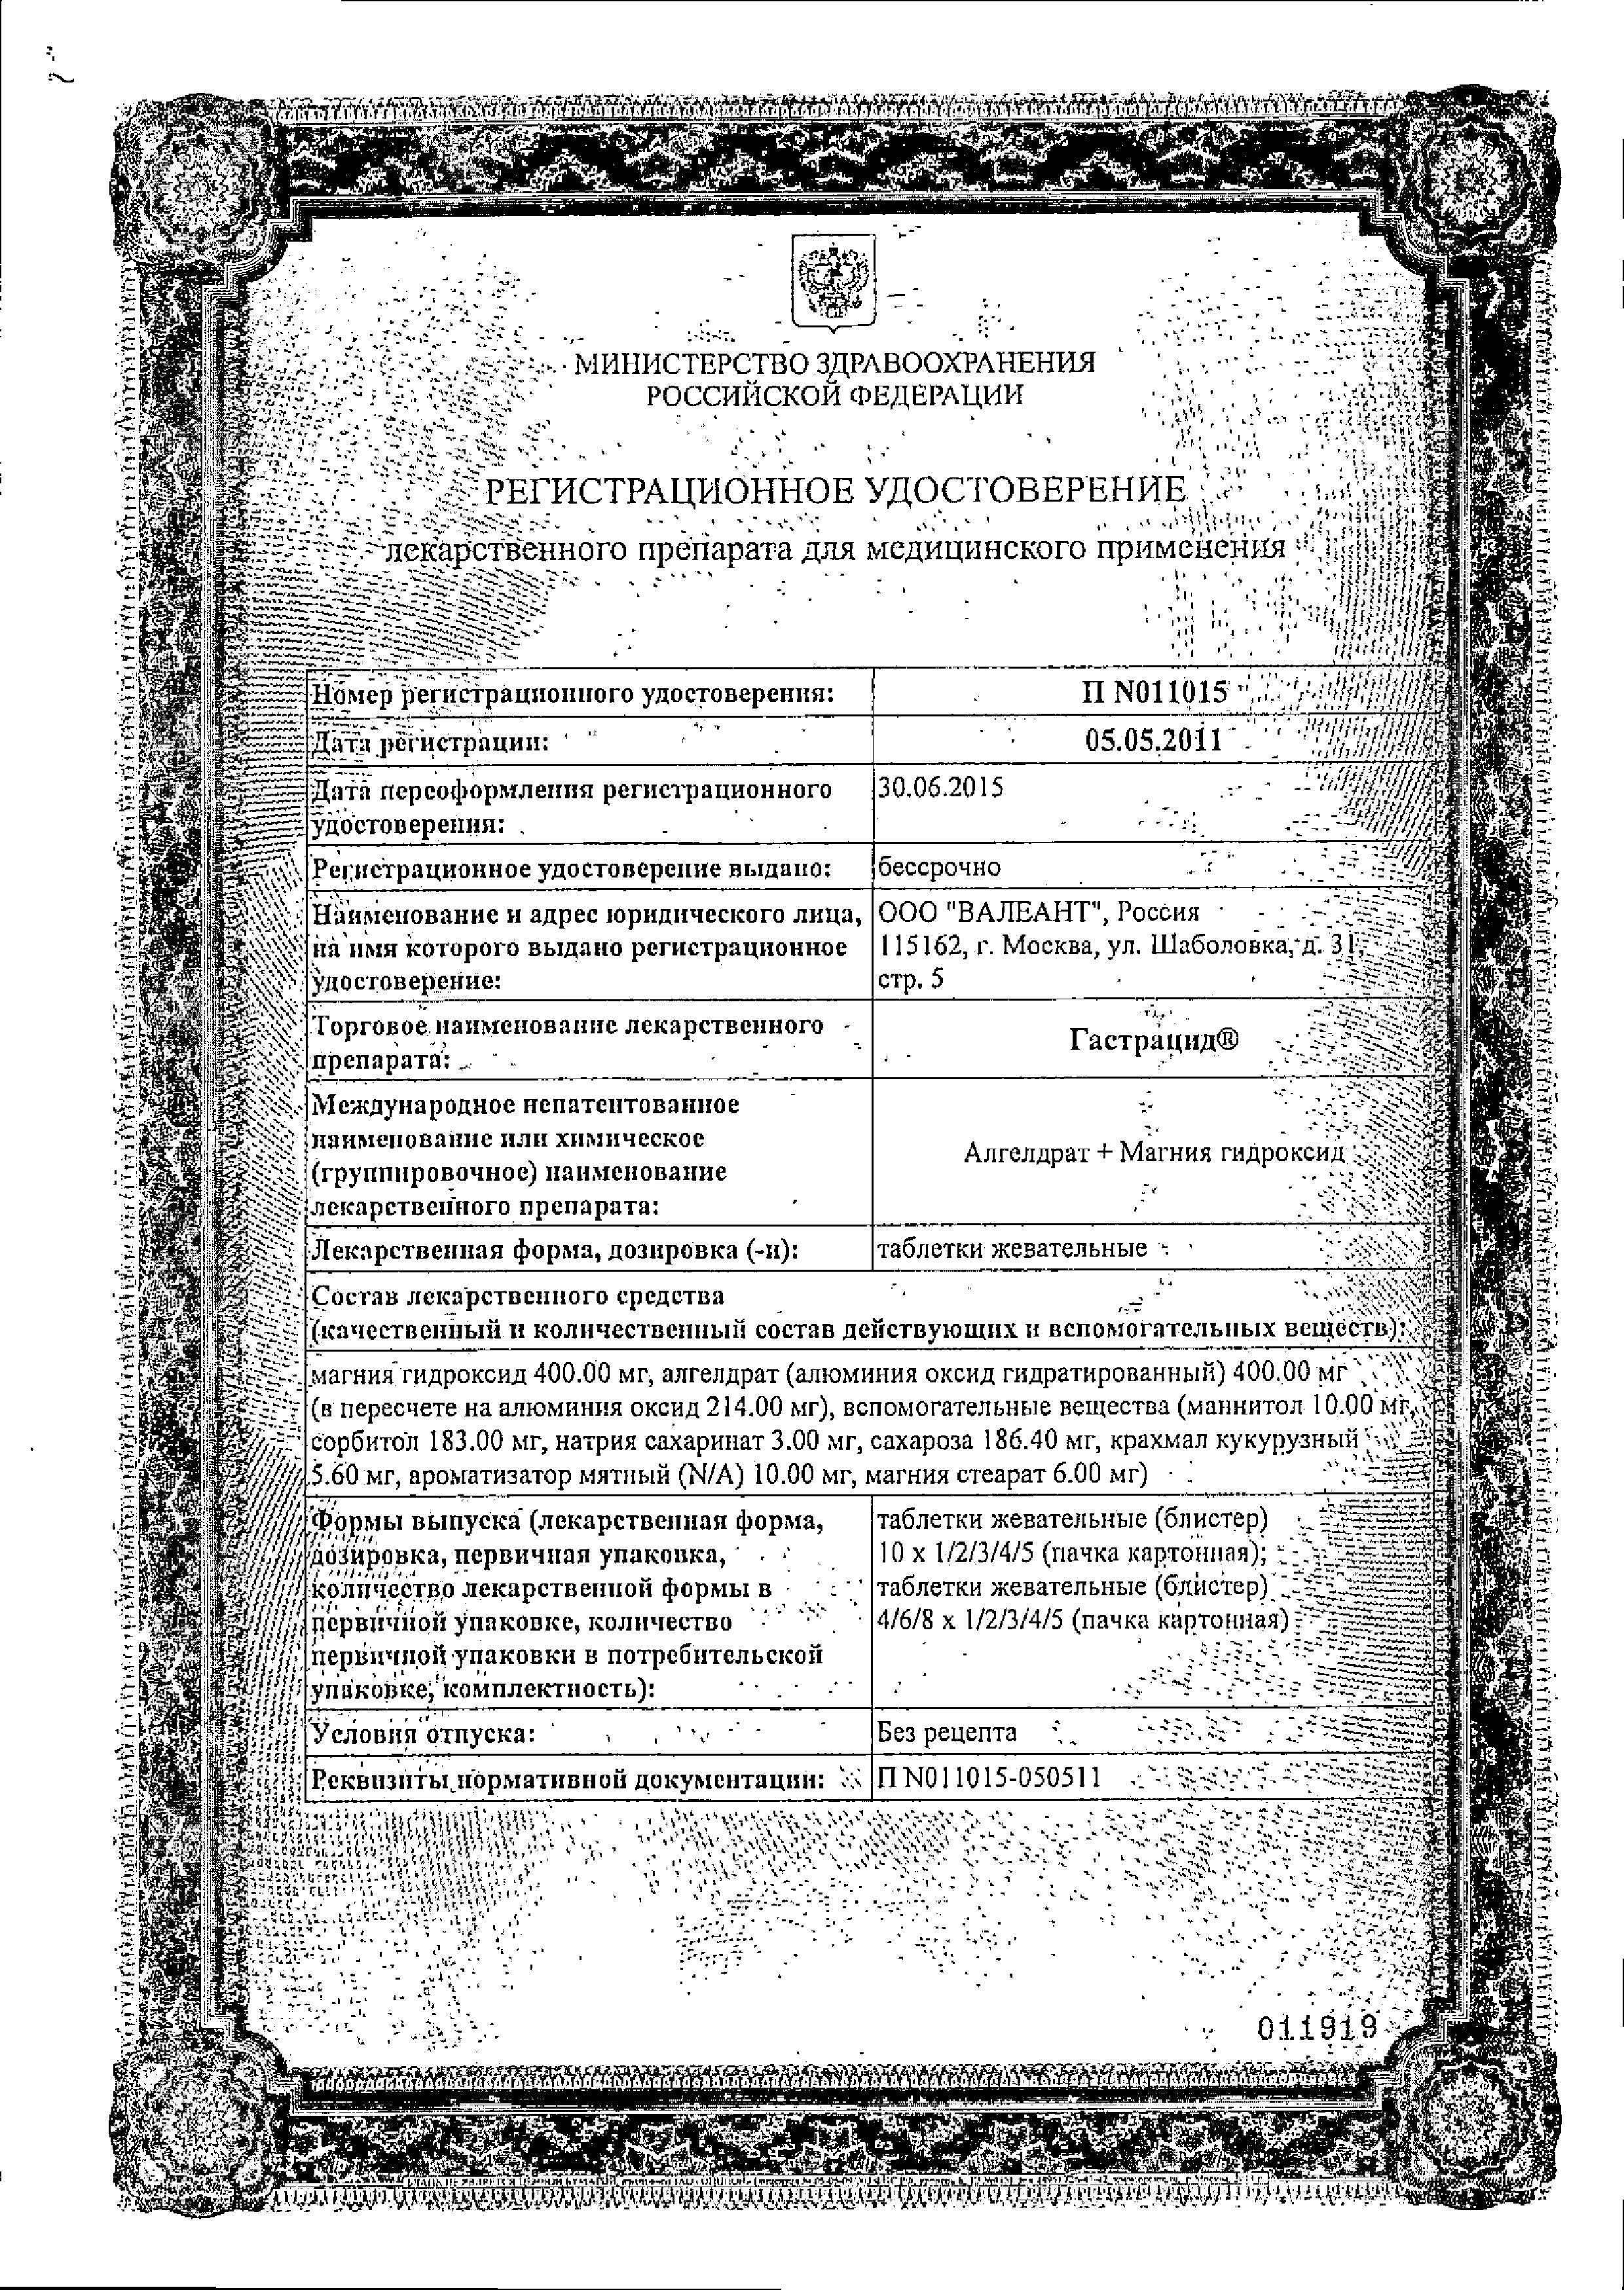 Гастрацид сертификат